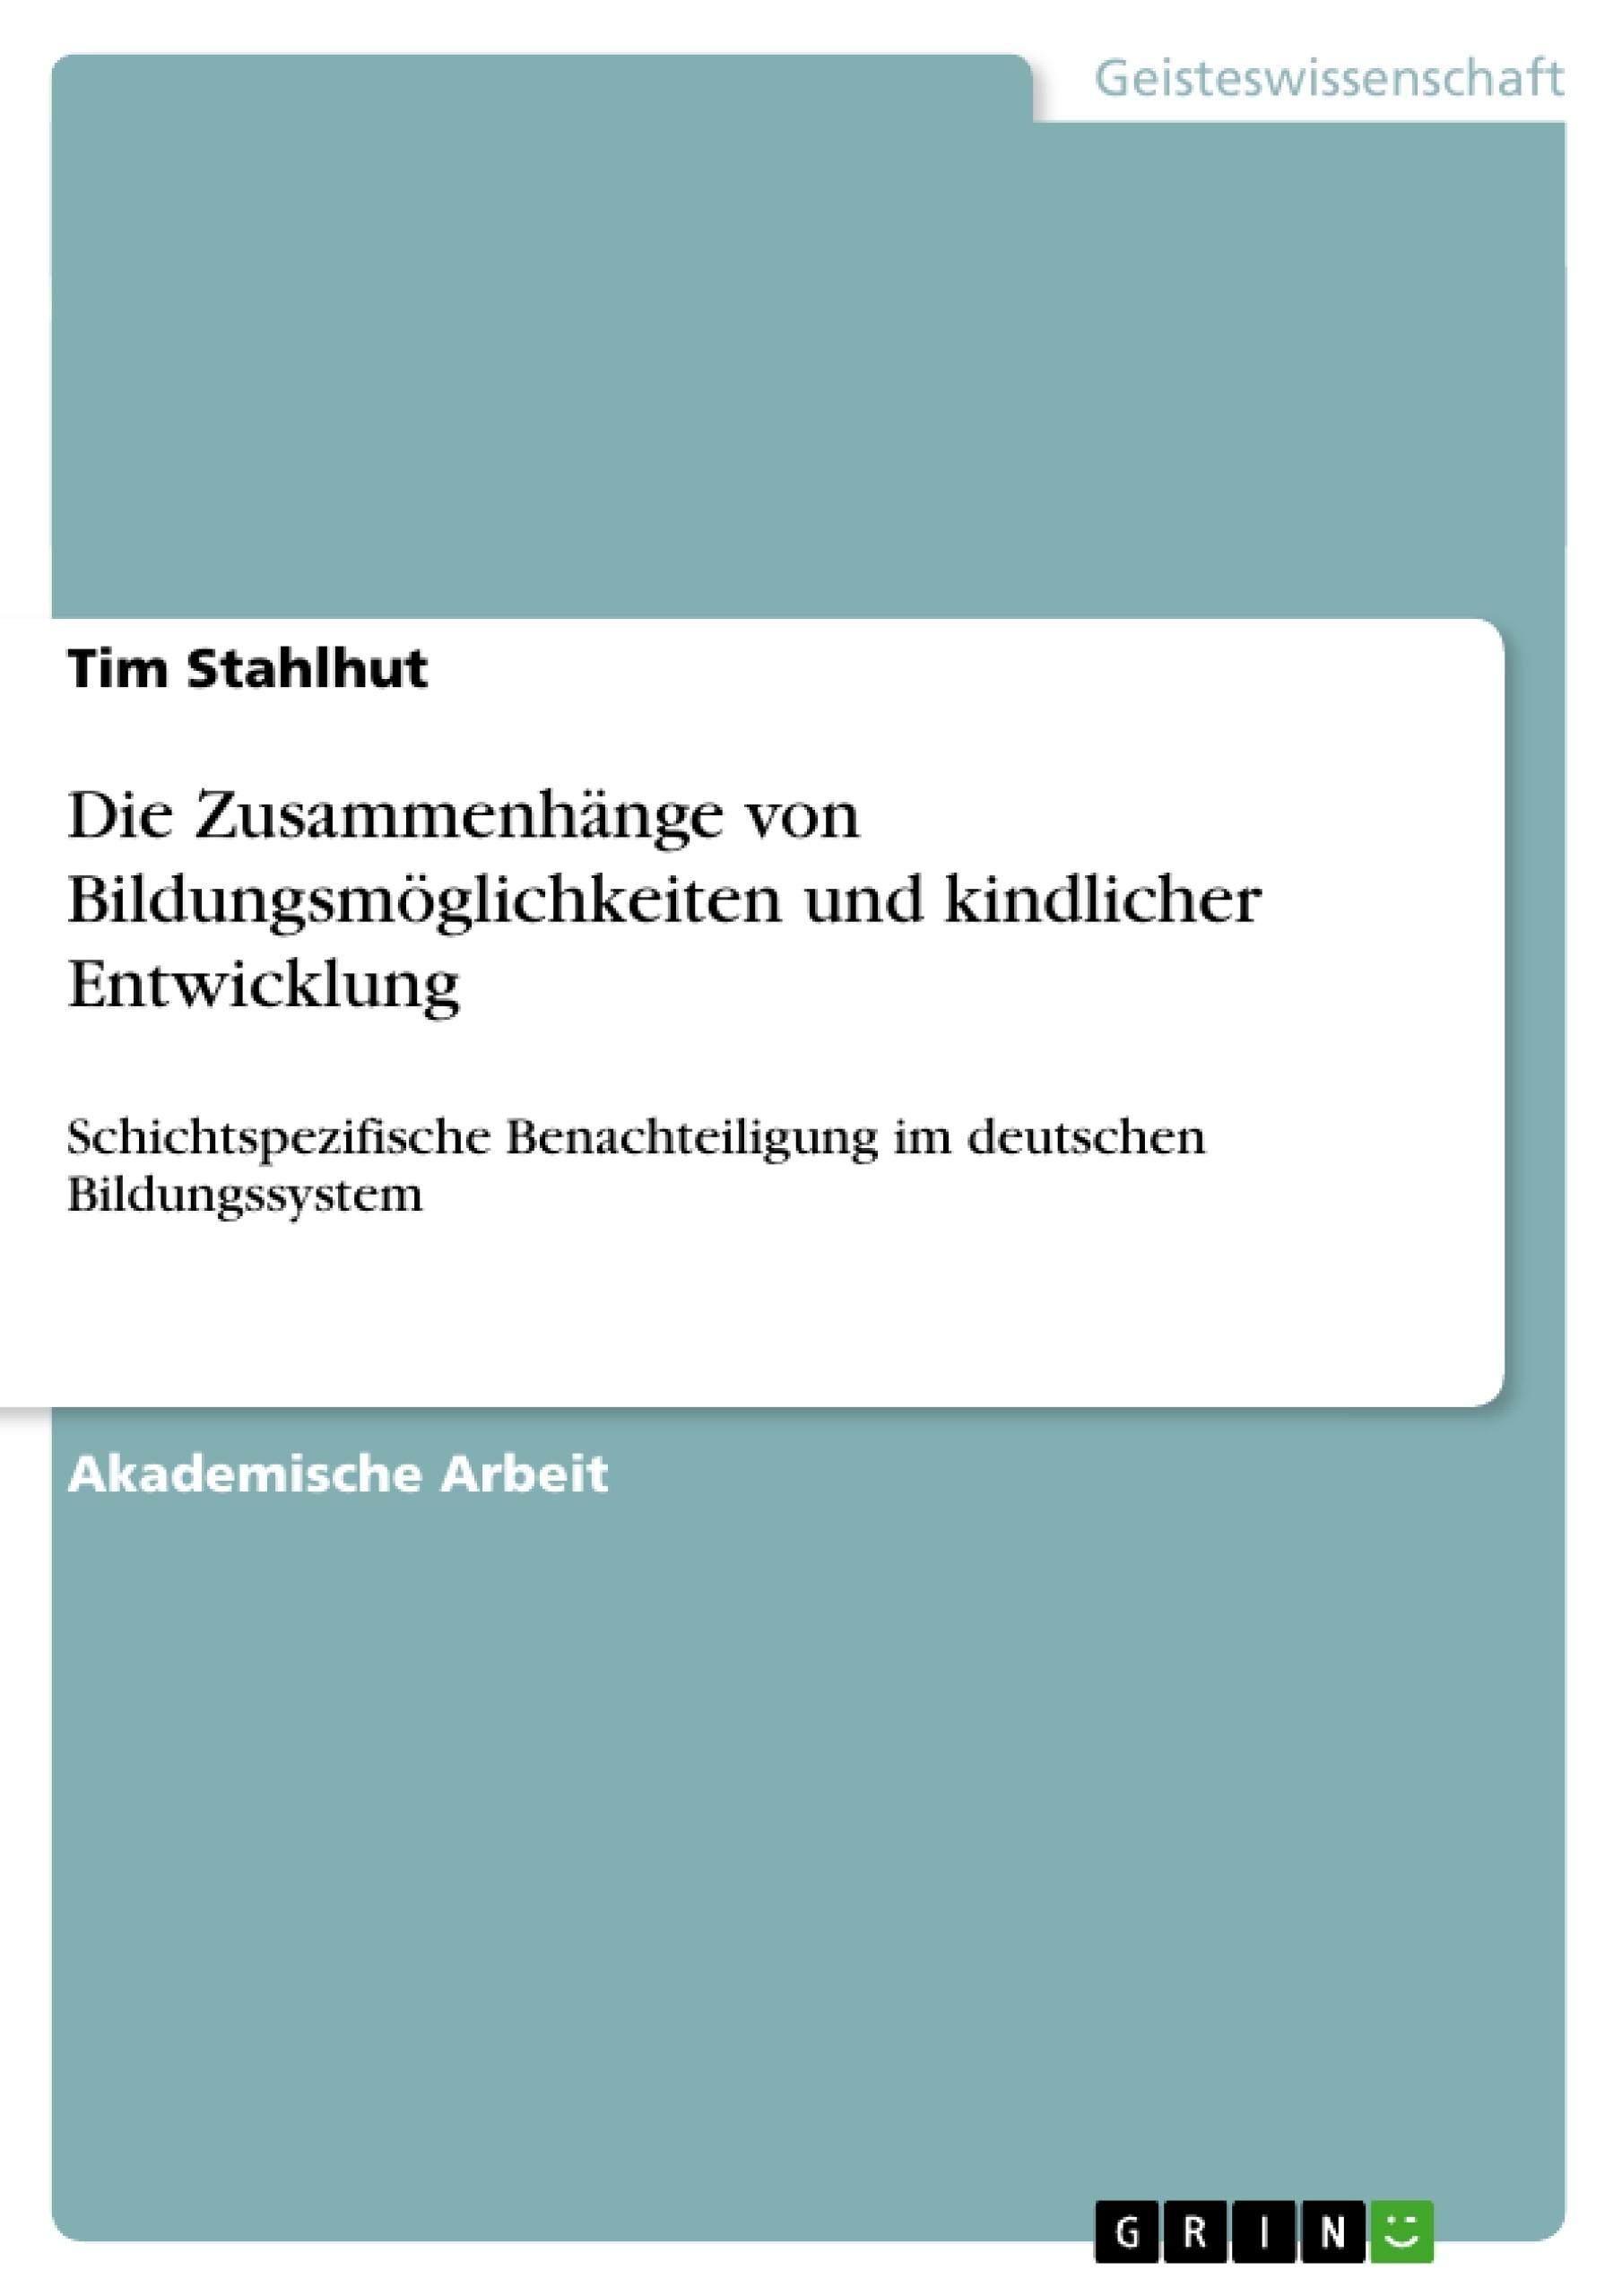 Titel: Die Zusammenhänge von Bildungsmöglichkeiten und kindlicher Entwicklung